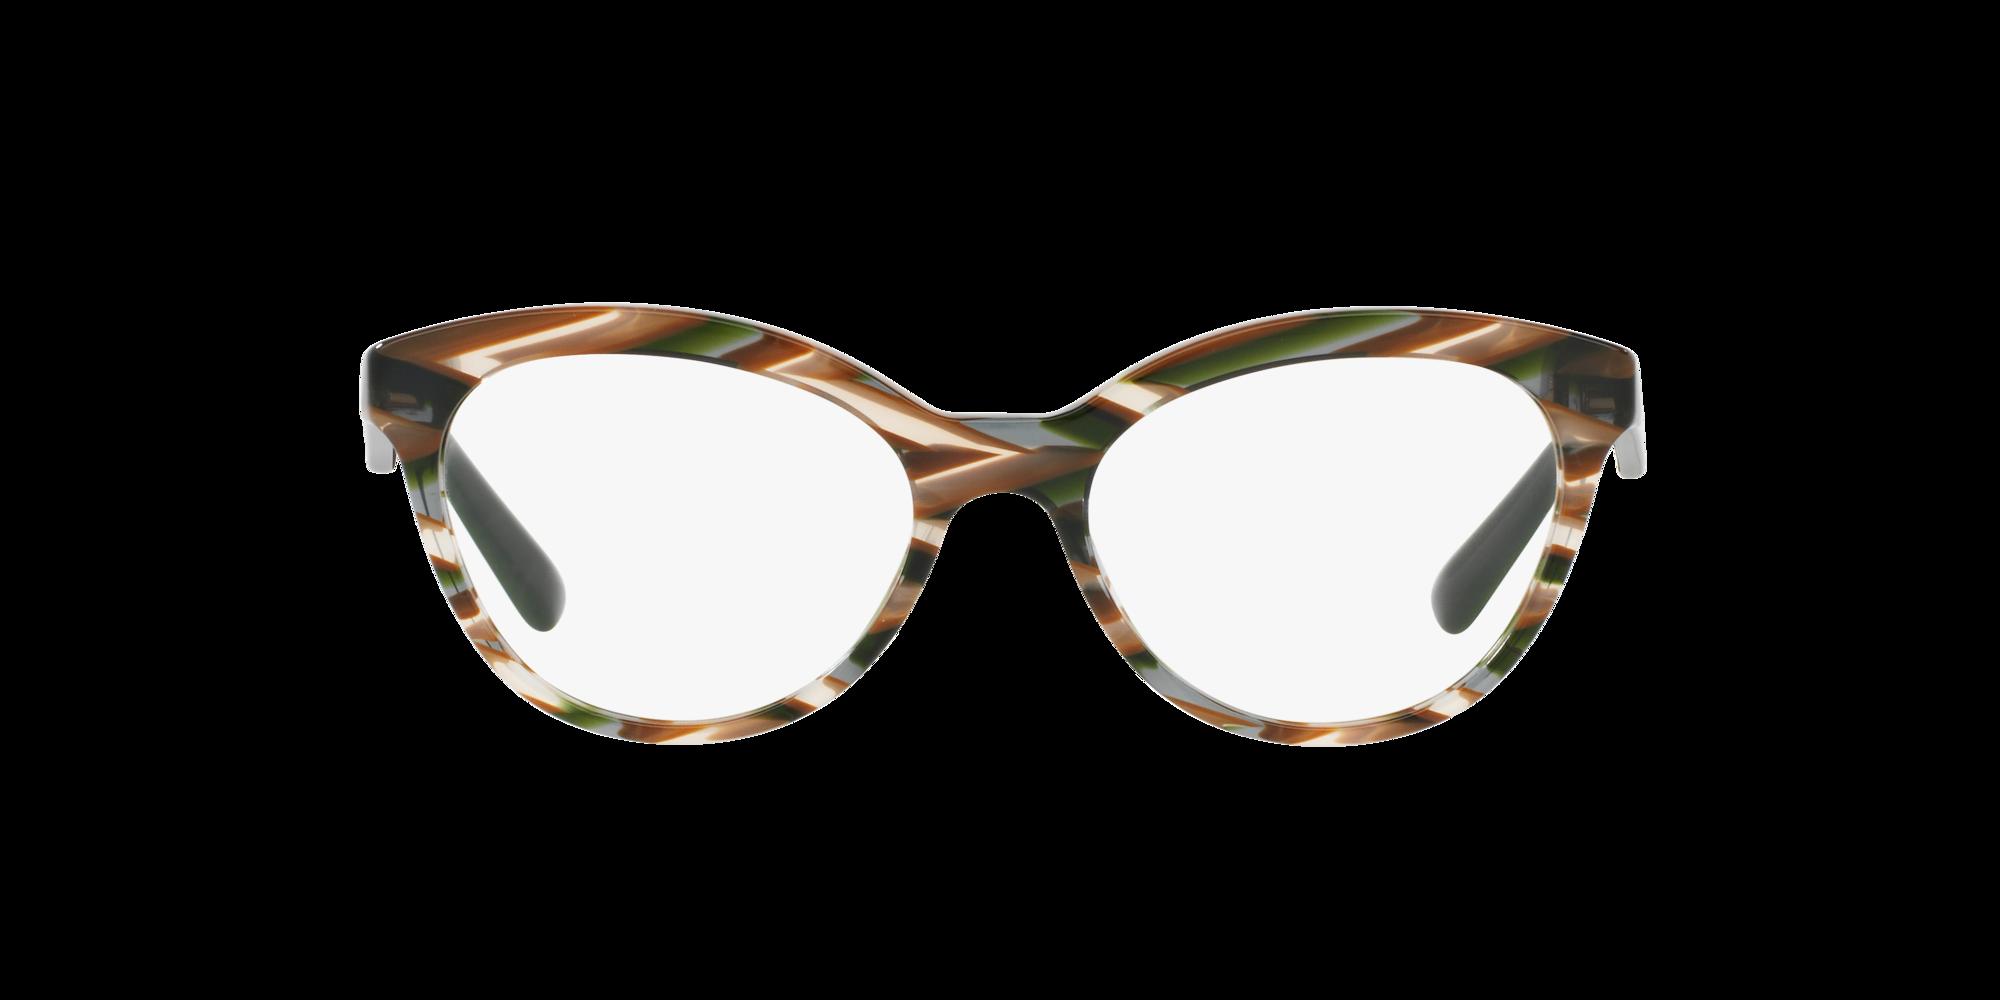 Imagen para PR 11RV de LensCrafters |  Espejuelos, espejuelos graduados en línea, gafas